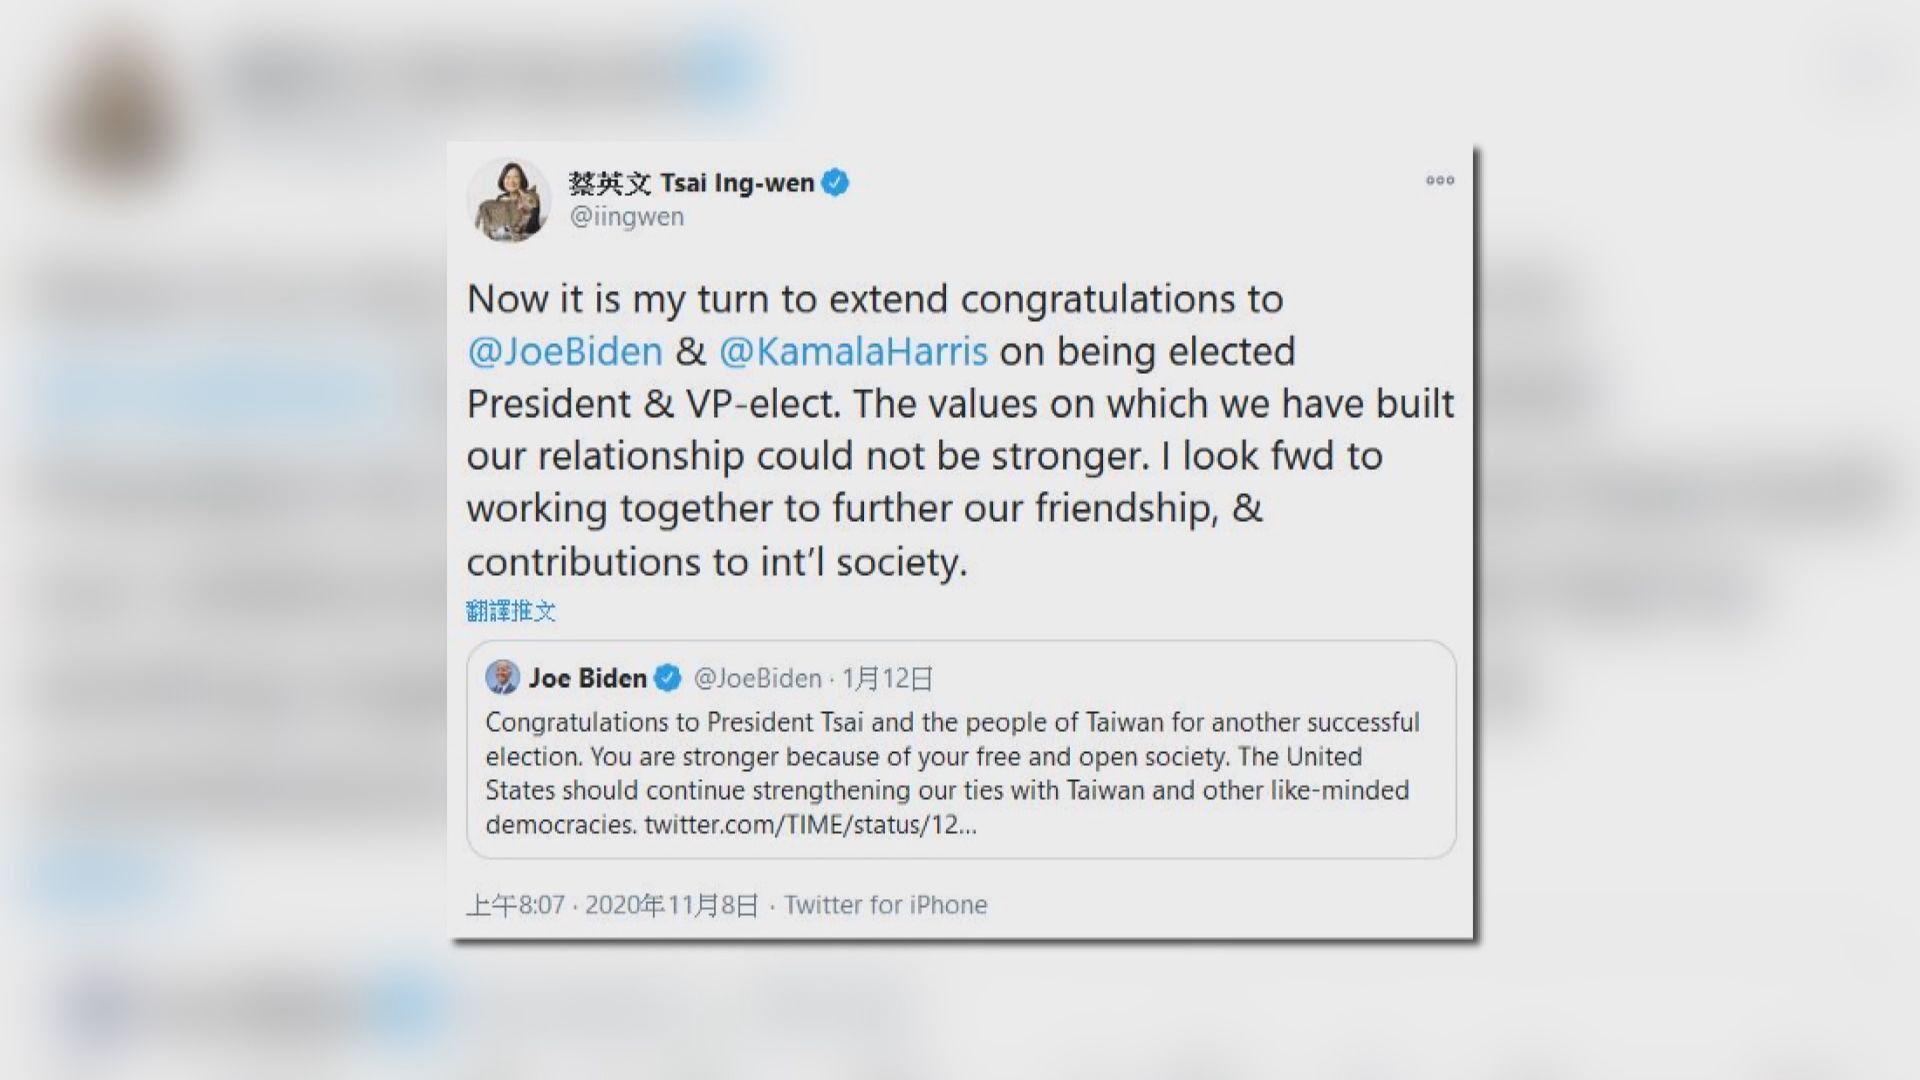 蔡英文發推文祝賀拜登當選